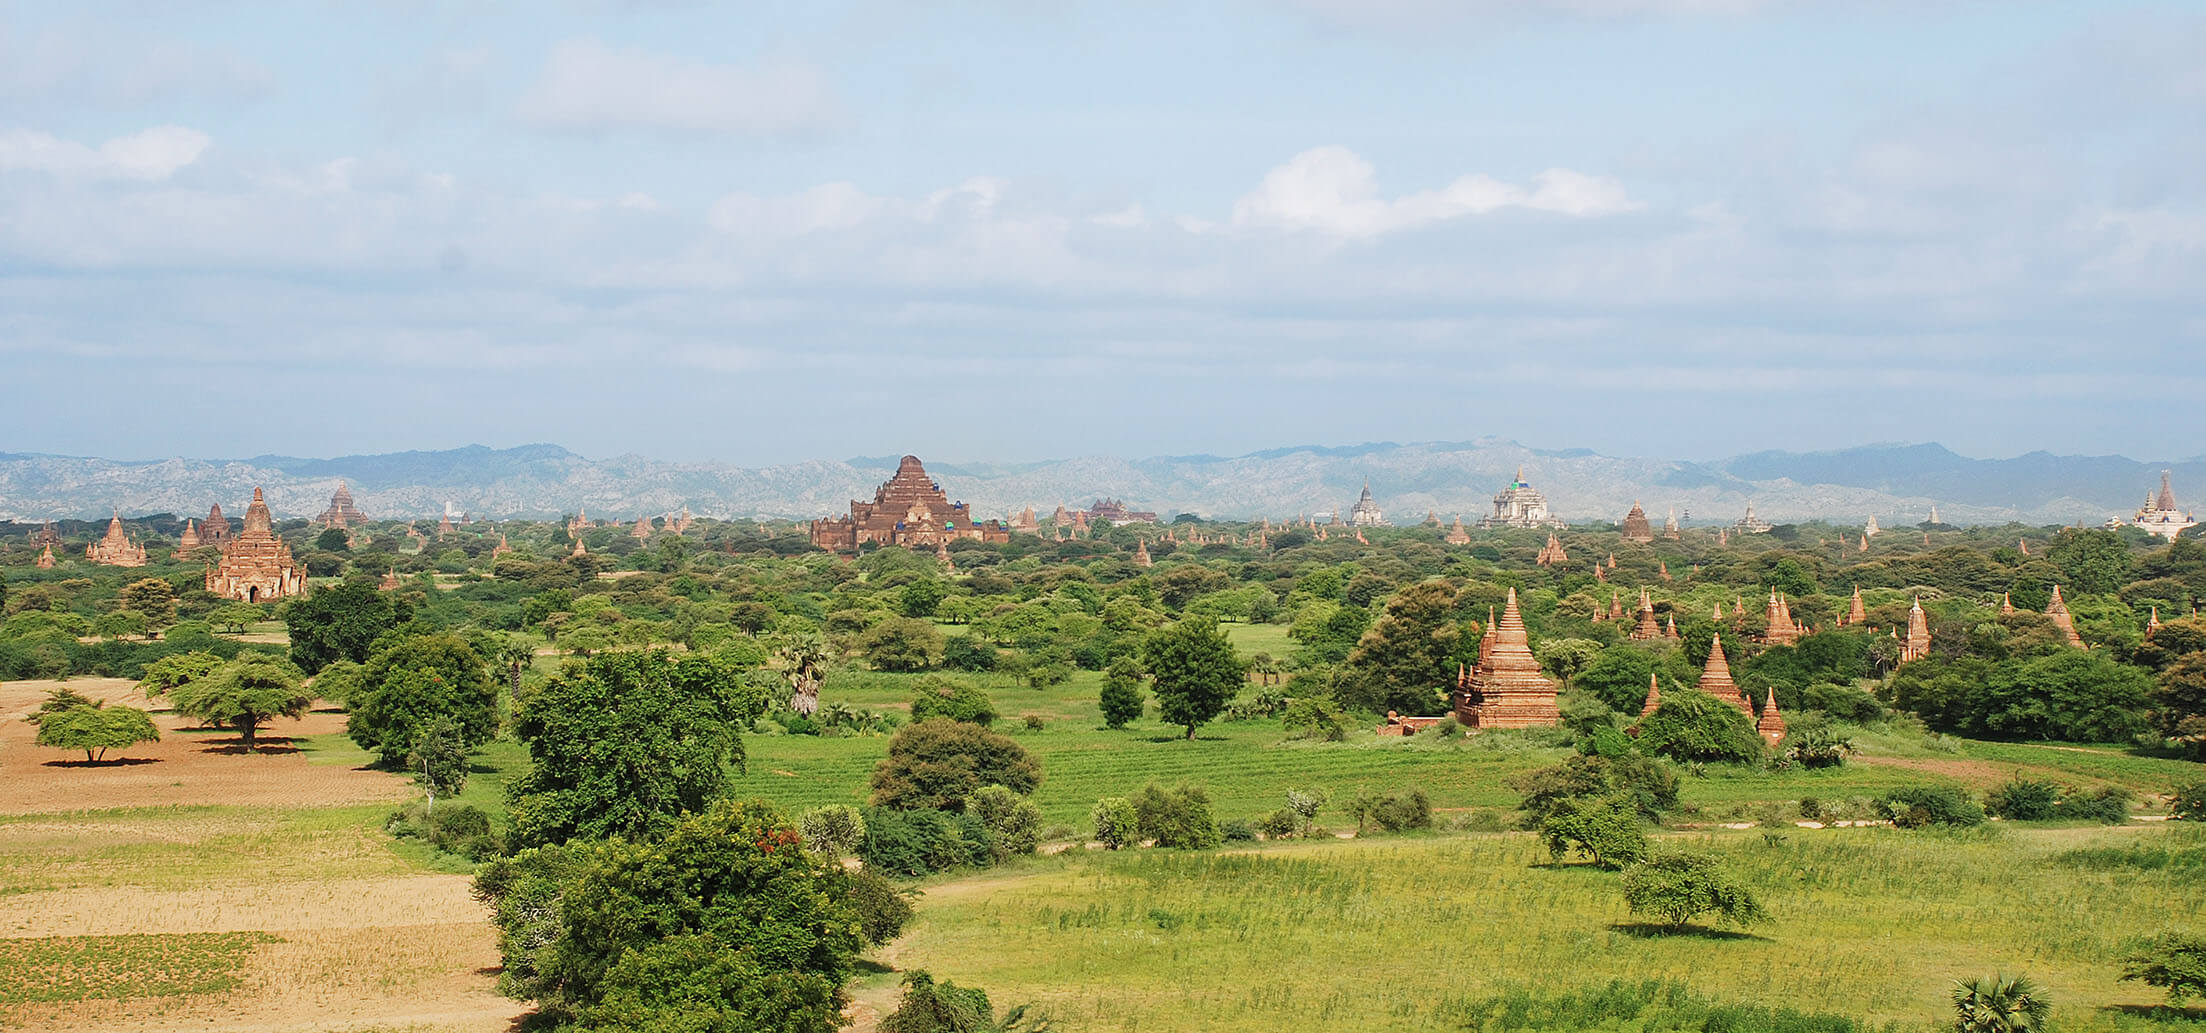 巨大な遺跡が鎮座するのではなく、無数の仏塔の点在する光景がバガンの売りだ